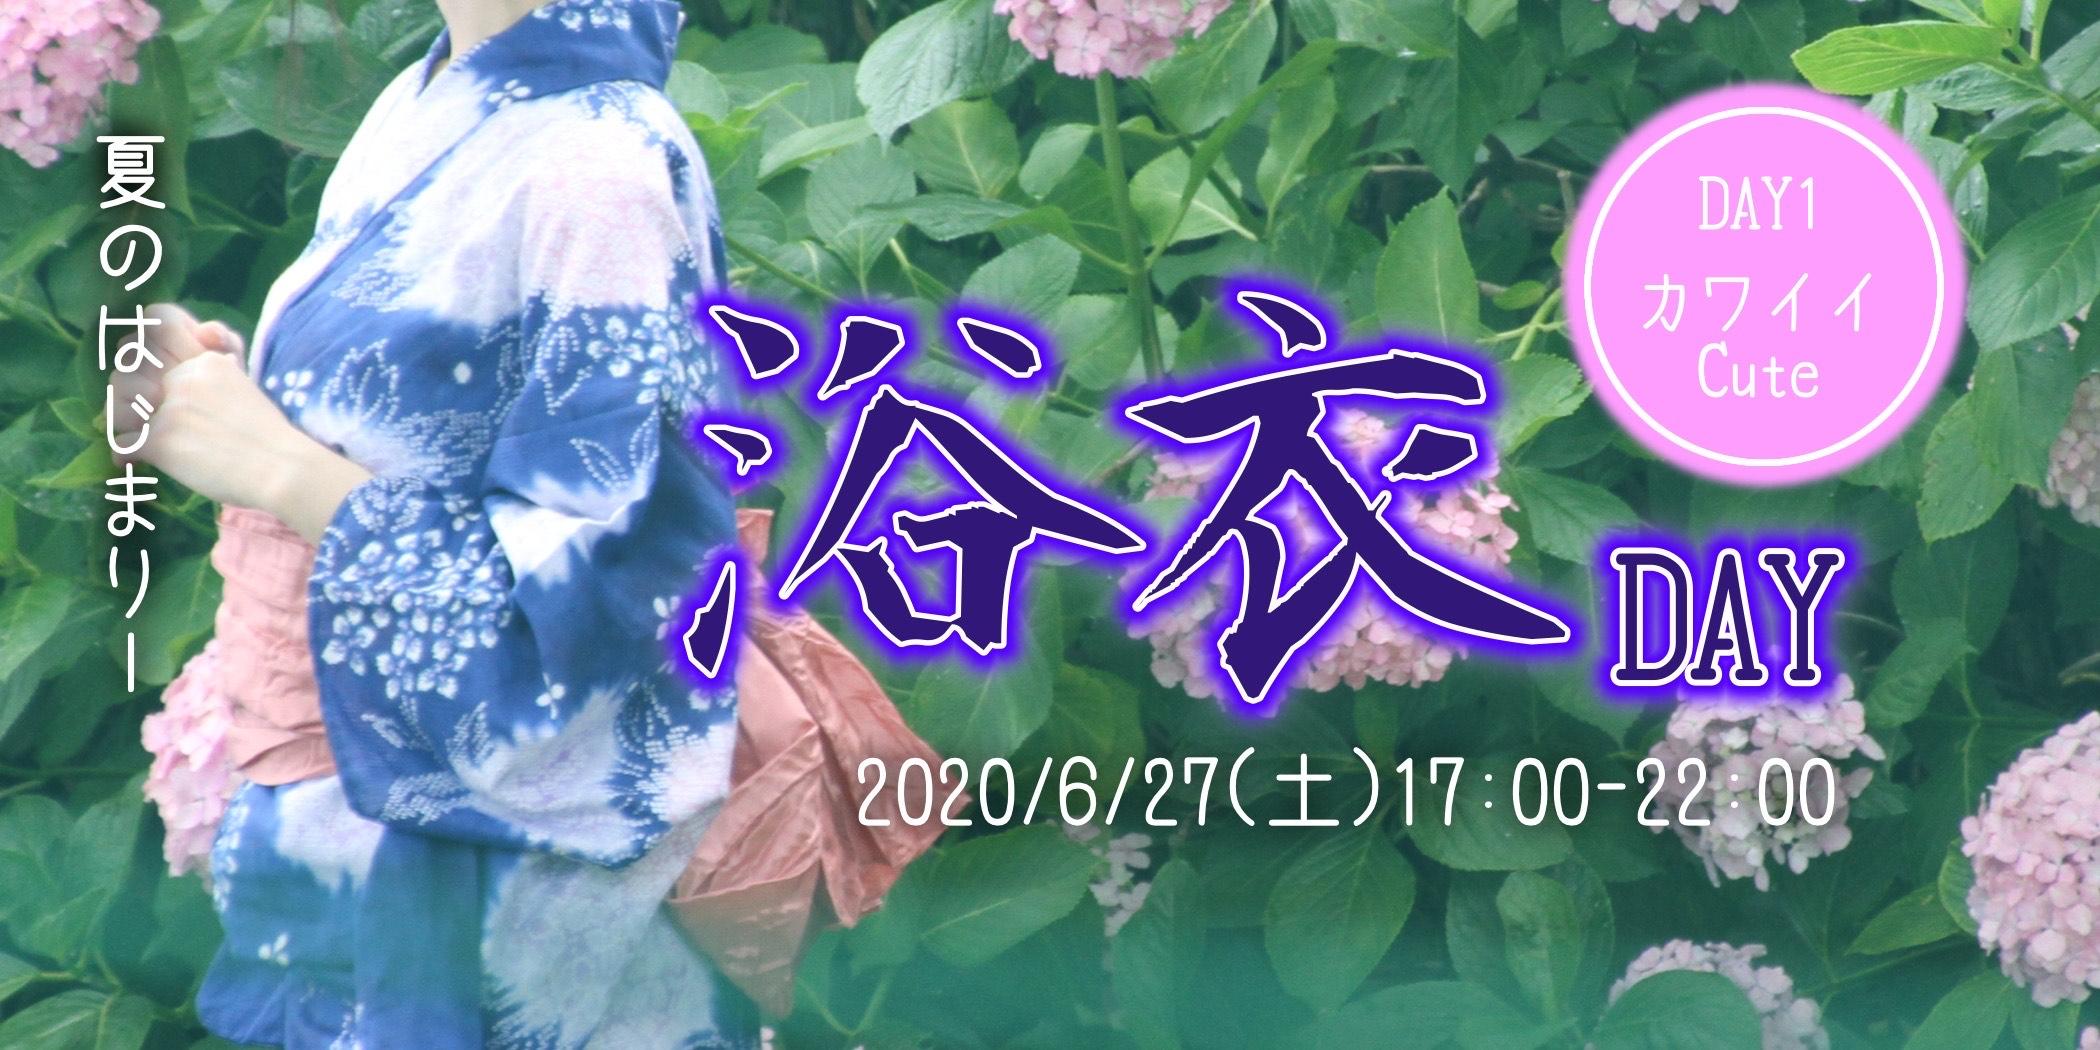 夏のはじまり 浴衣DAY-day1 カワイイcute-